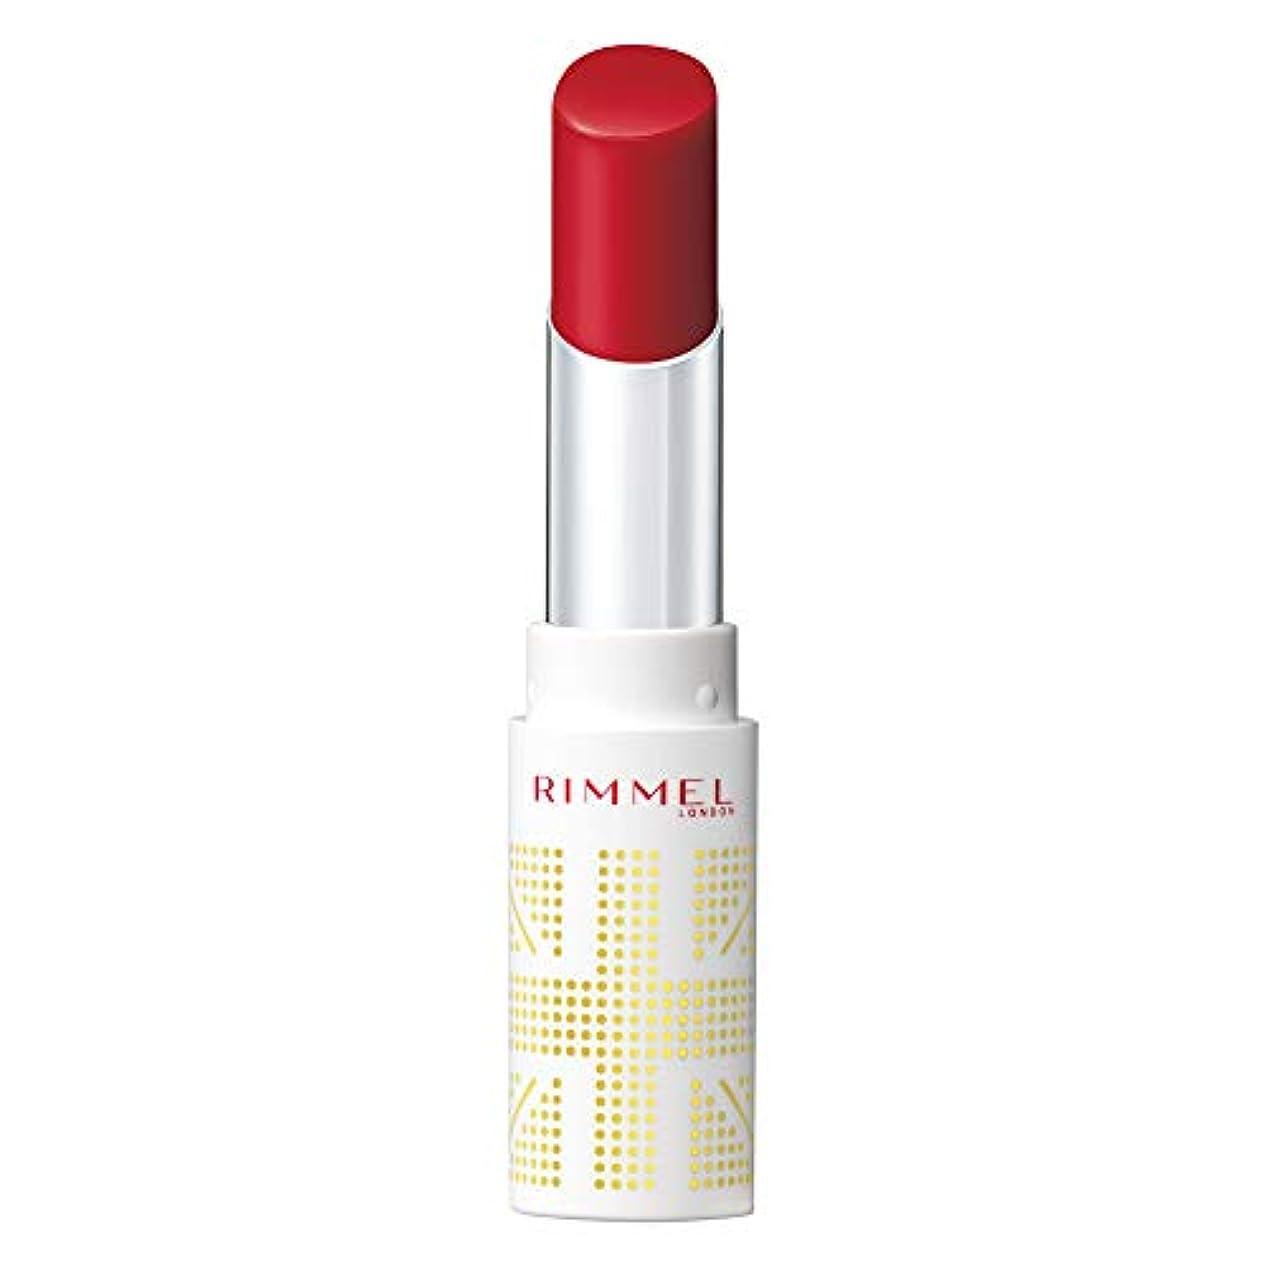 模索急ぐグリーンバックRimmel (リンメル) リンメル ラスティングフィニッシュ オイルティントリップ 003 クラシカルレッド 3.8g 口紅